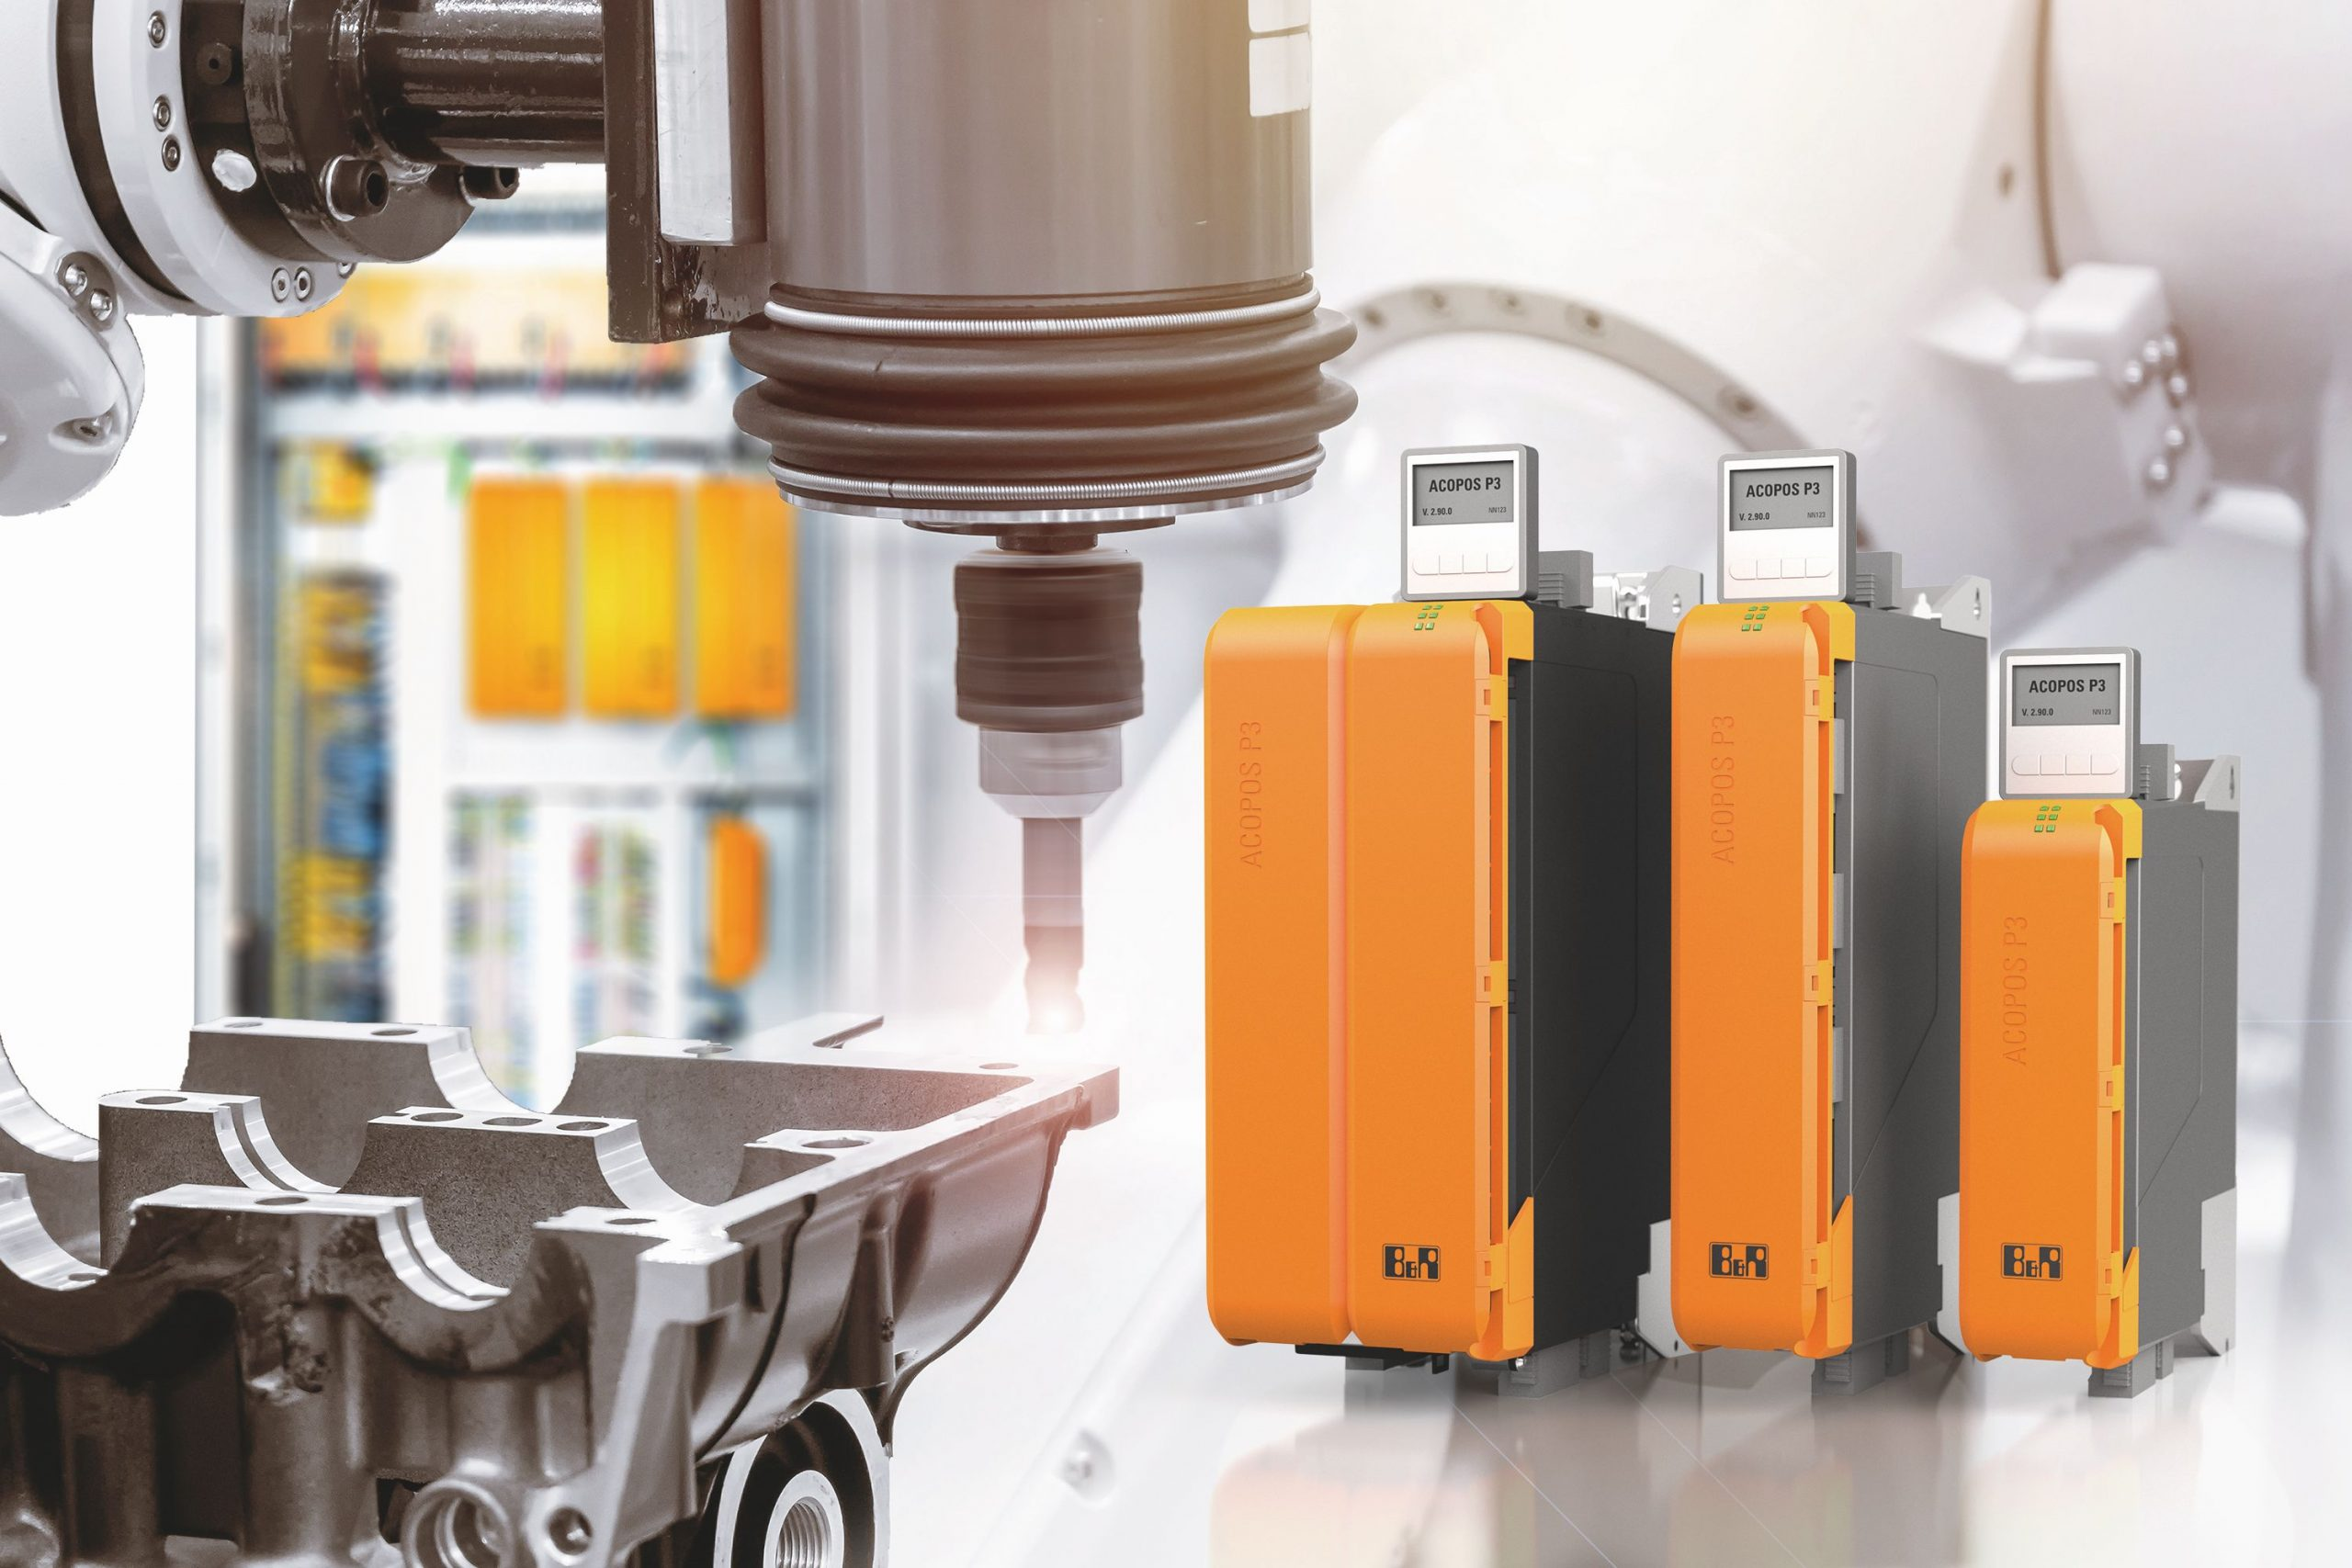 Neue Variante für B&R-Servoverstärker